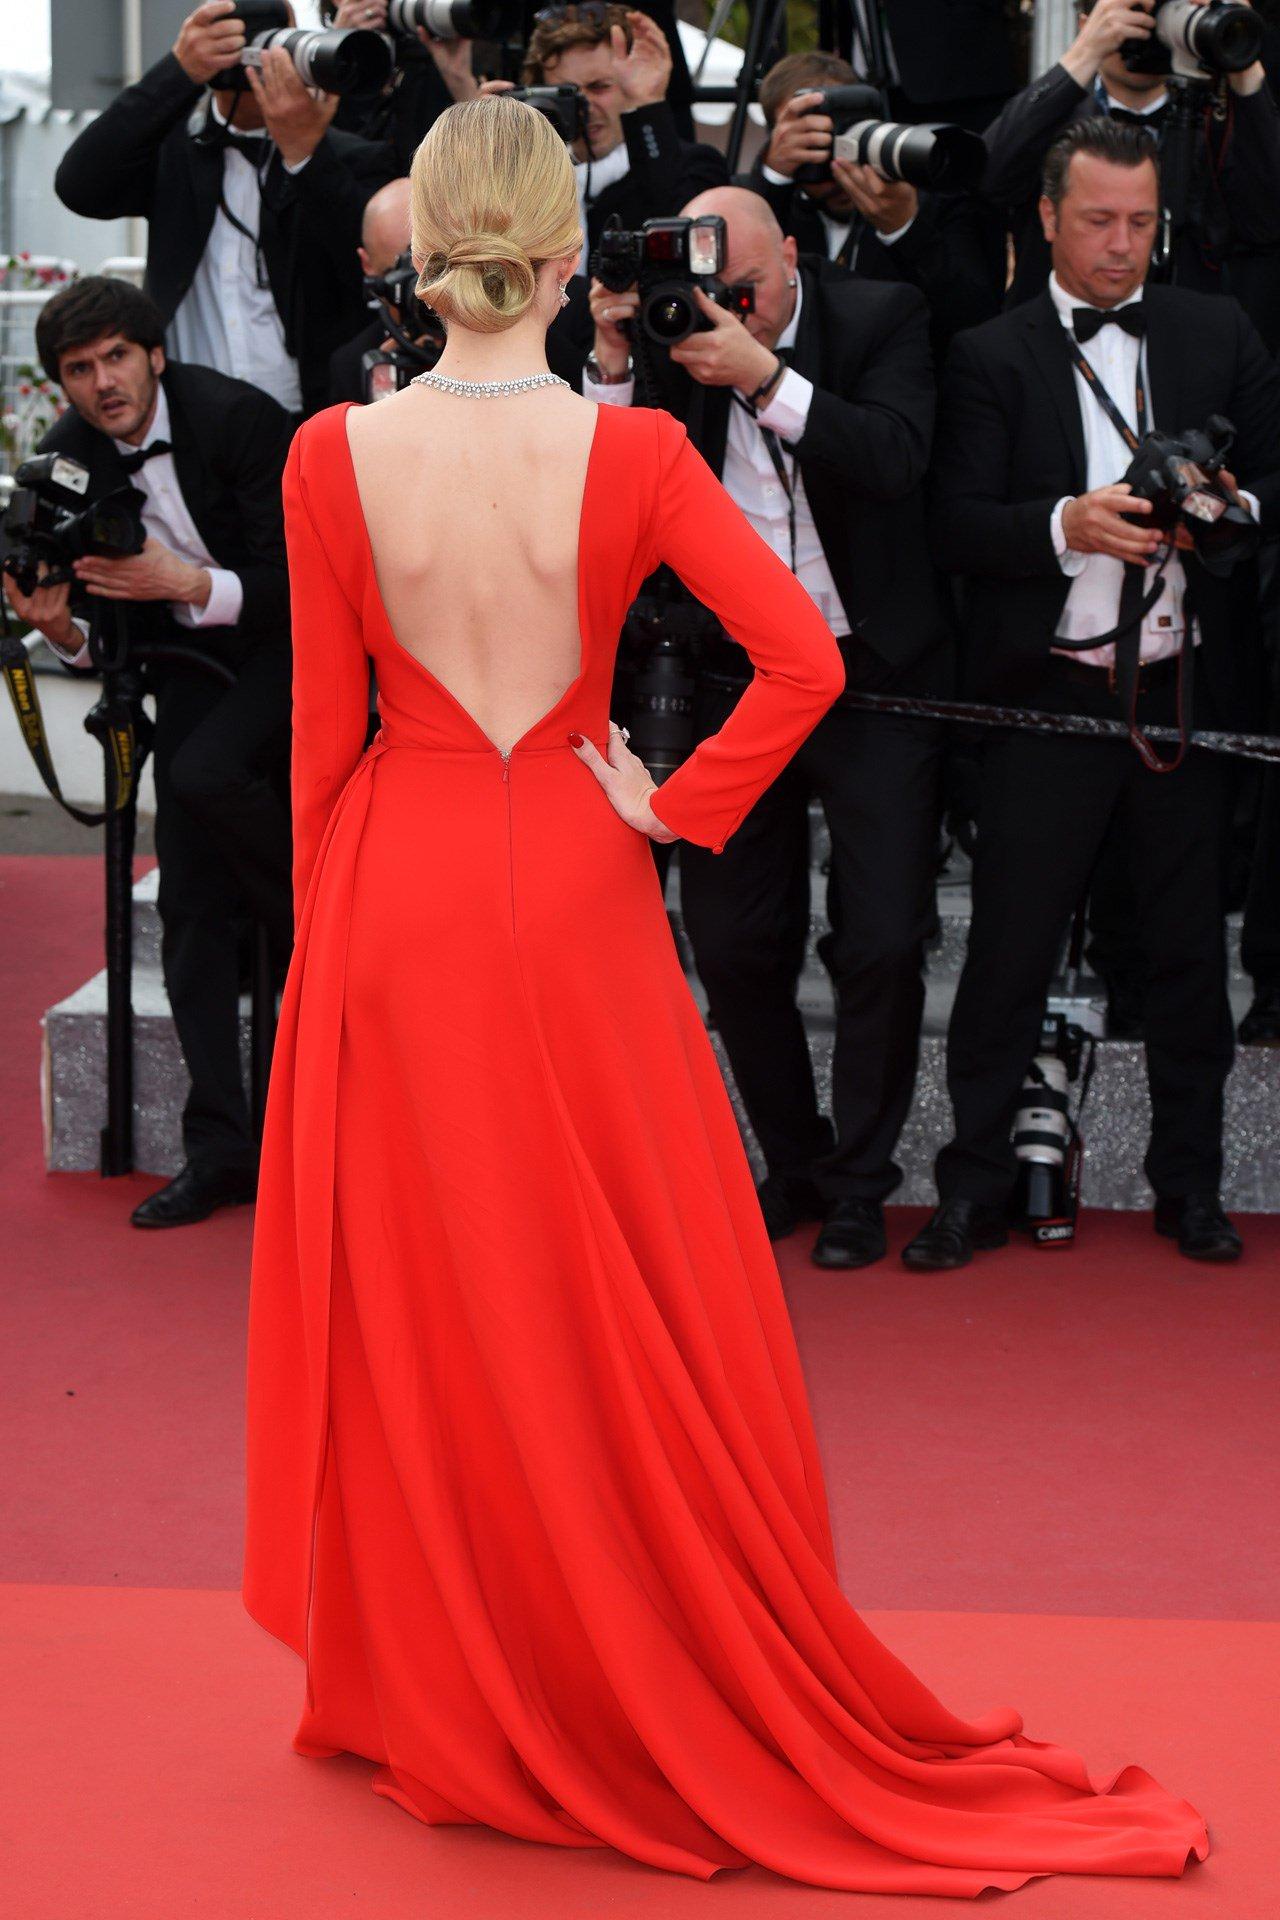 Lottie Moss on THAT red @Dior dress: https://t.co/7rNKbu0iST https://t.co/mAAtxG0IMK